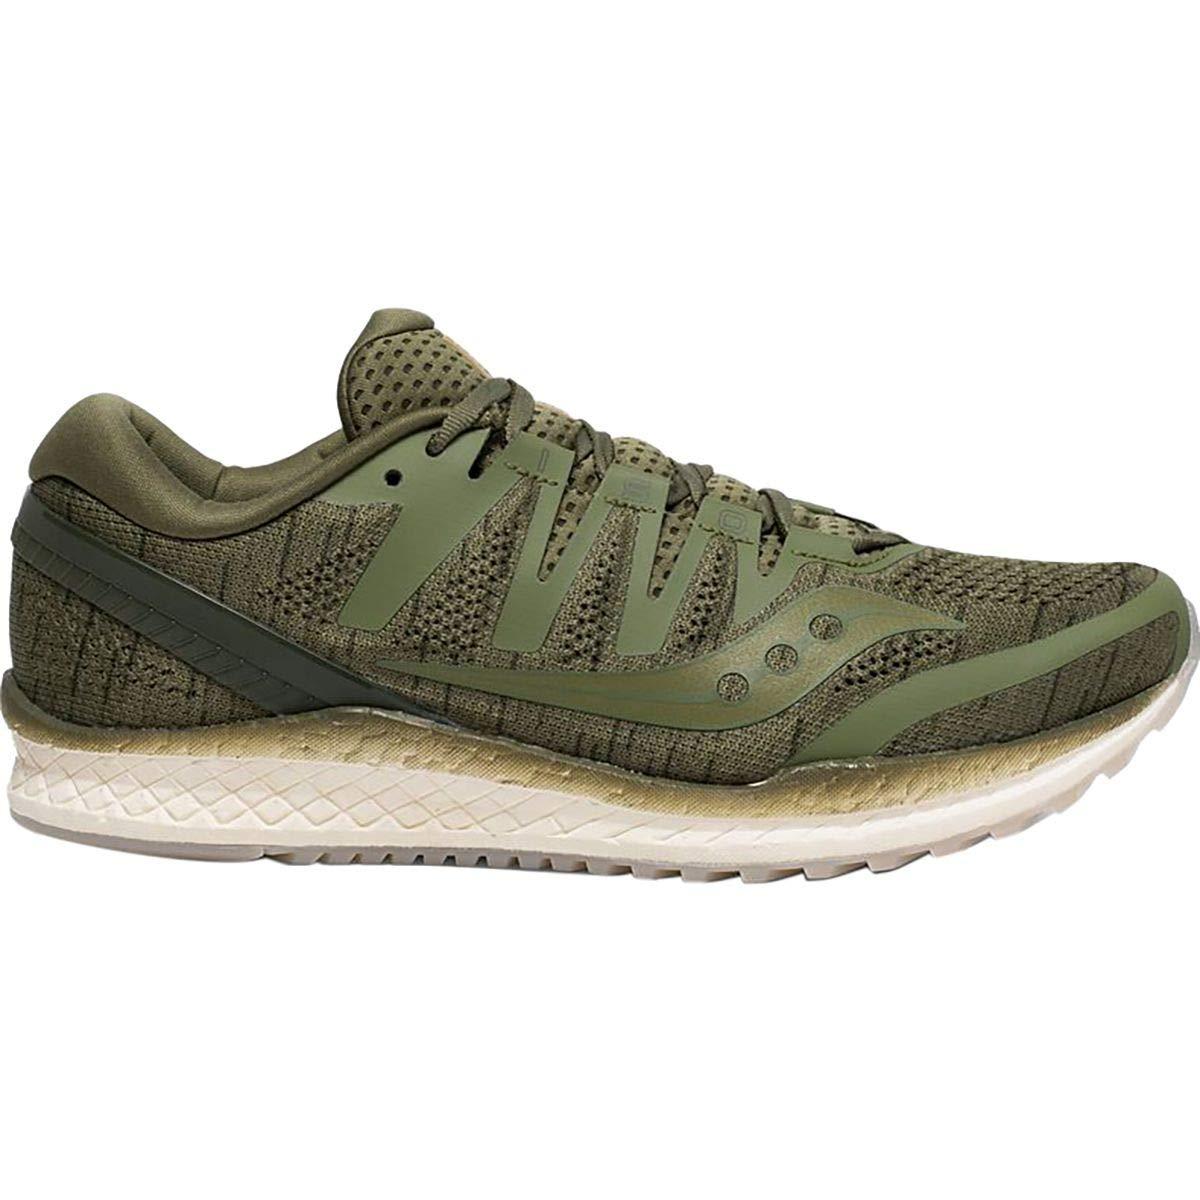 訳あり [サッカニー] メンズ ランニング 2 Freedom ISO 2 Running Running Shoe Shoe [並行輸入品] B07NYW9SG3 13, シルバーアクセサリーSies Rosso:70a0bb35 --- sww.zlatarezerva.cz